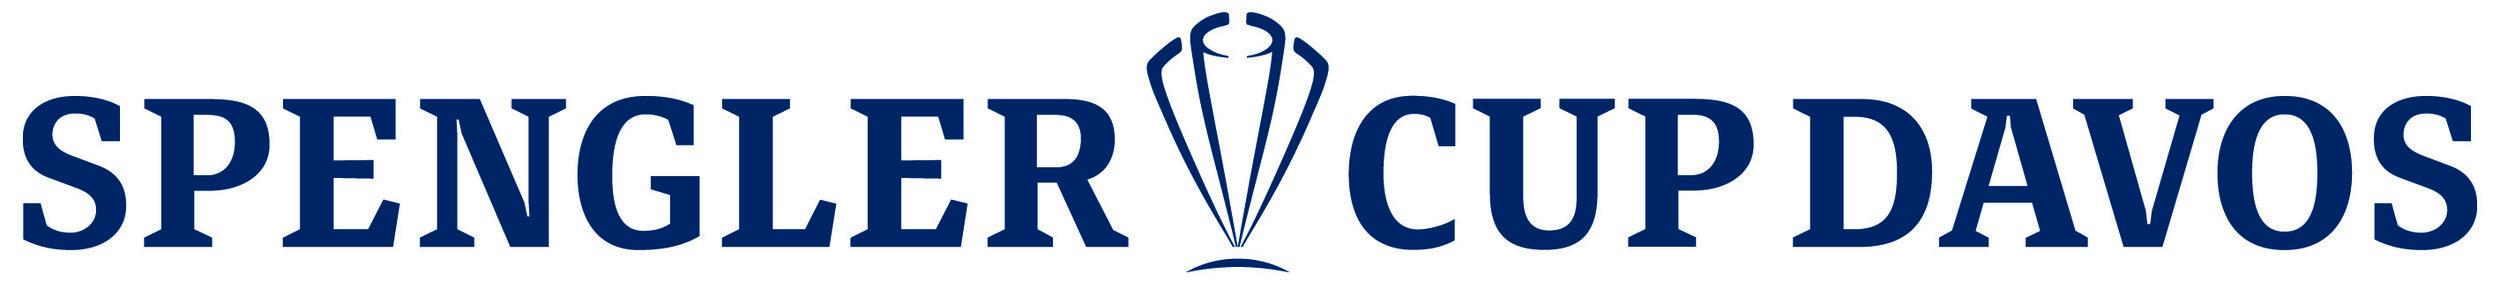 RZ_SpenglerCup_Logo_OneLine_CMYK (002).jpg